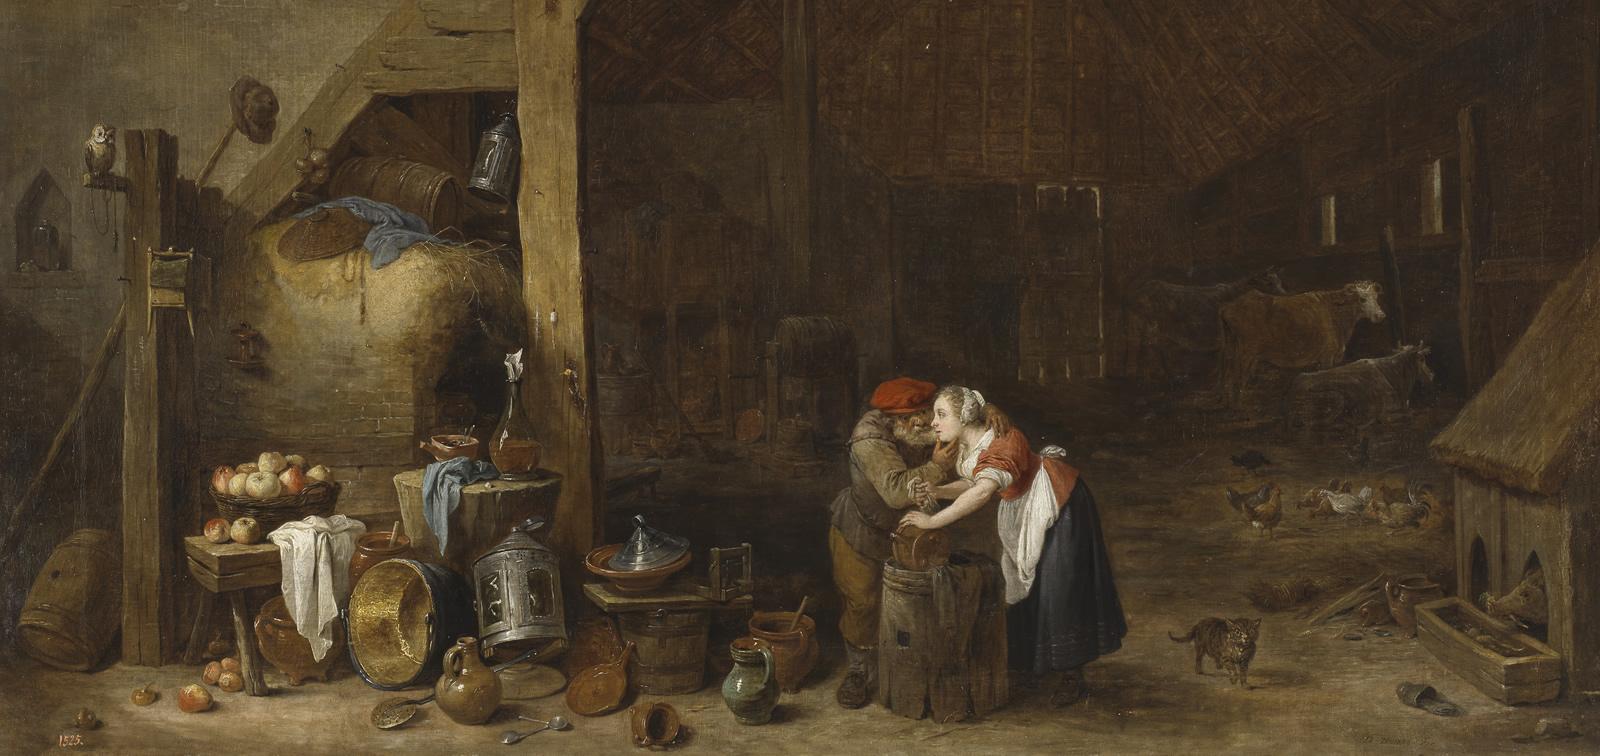 La belleza cautiva. Pequeños tesoros del Museo del Prado